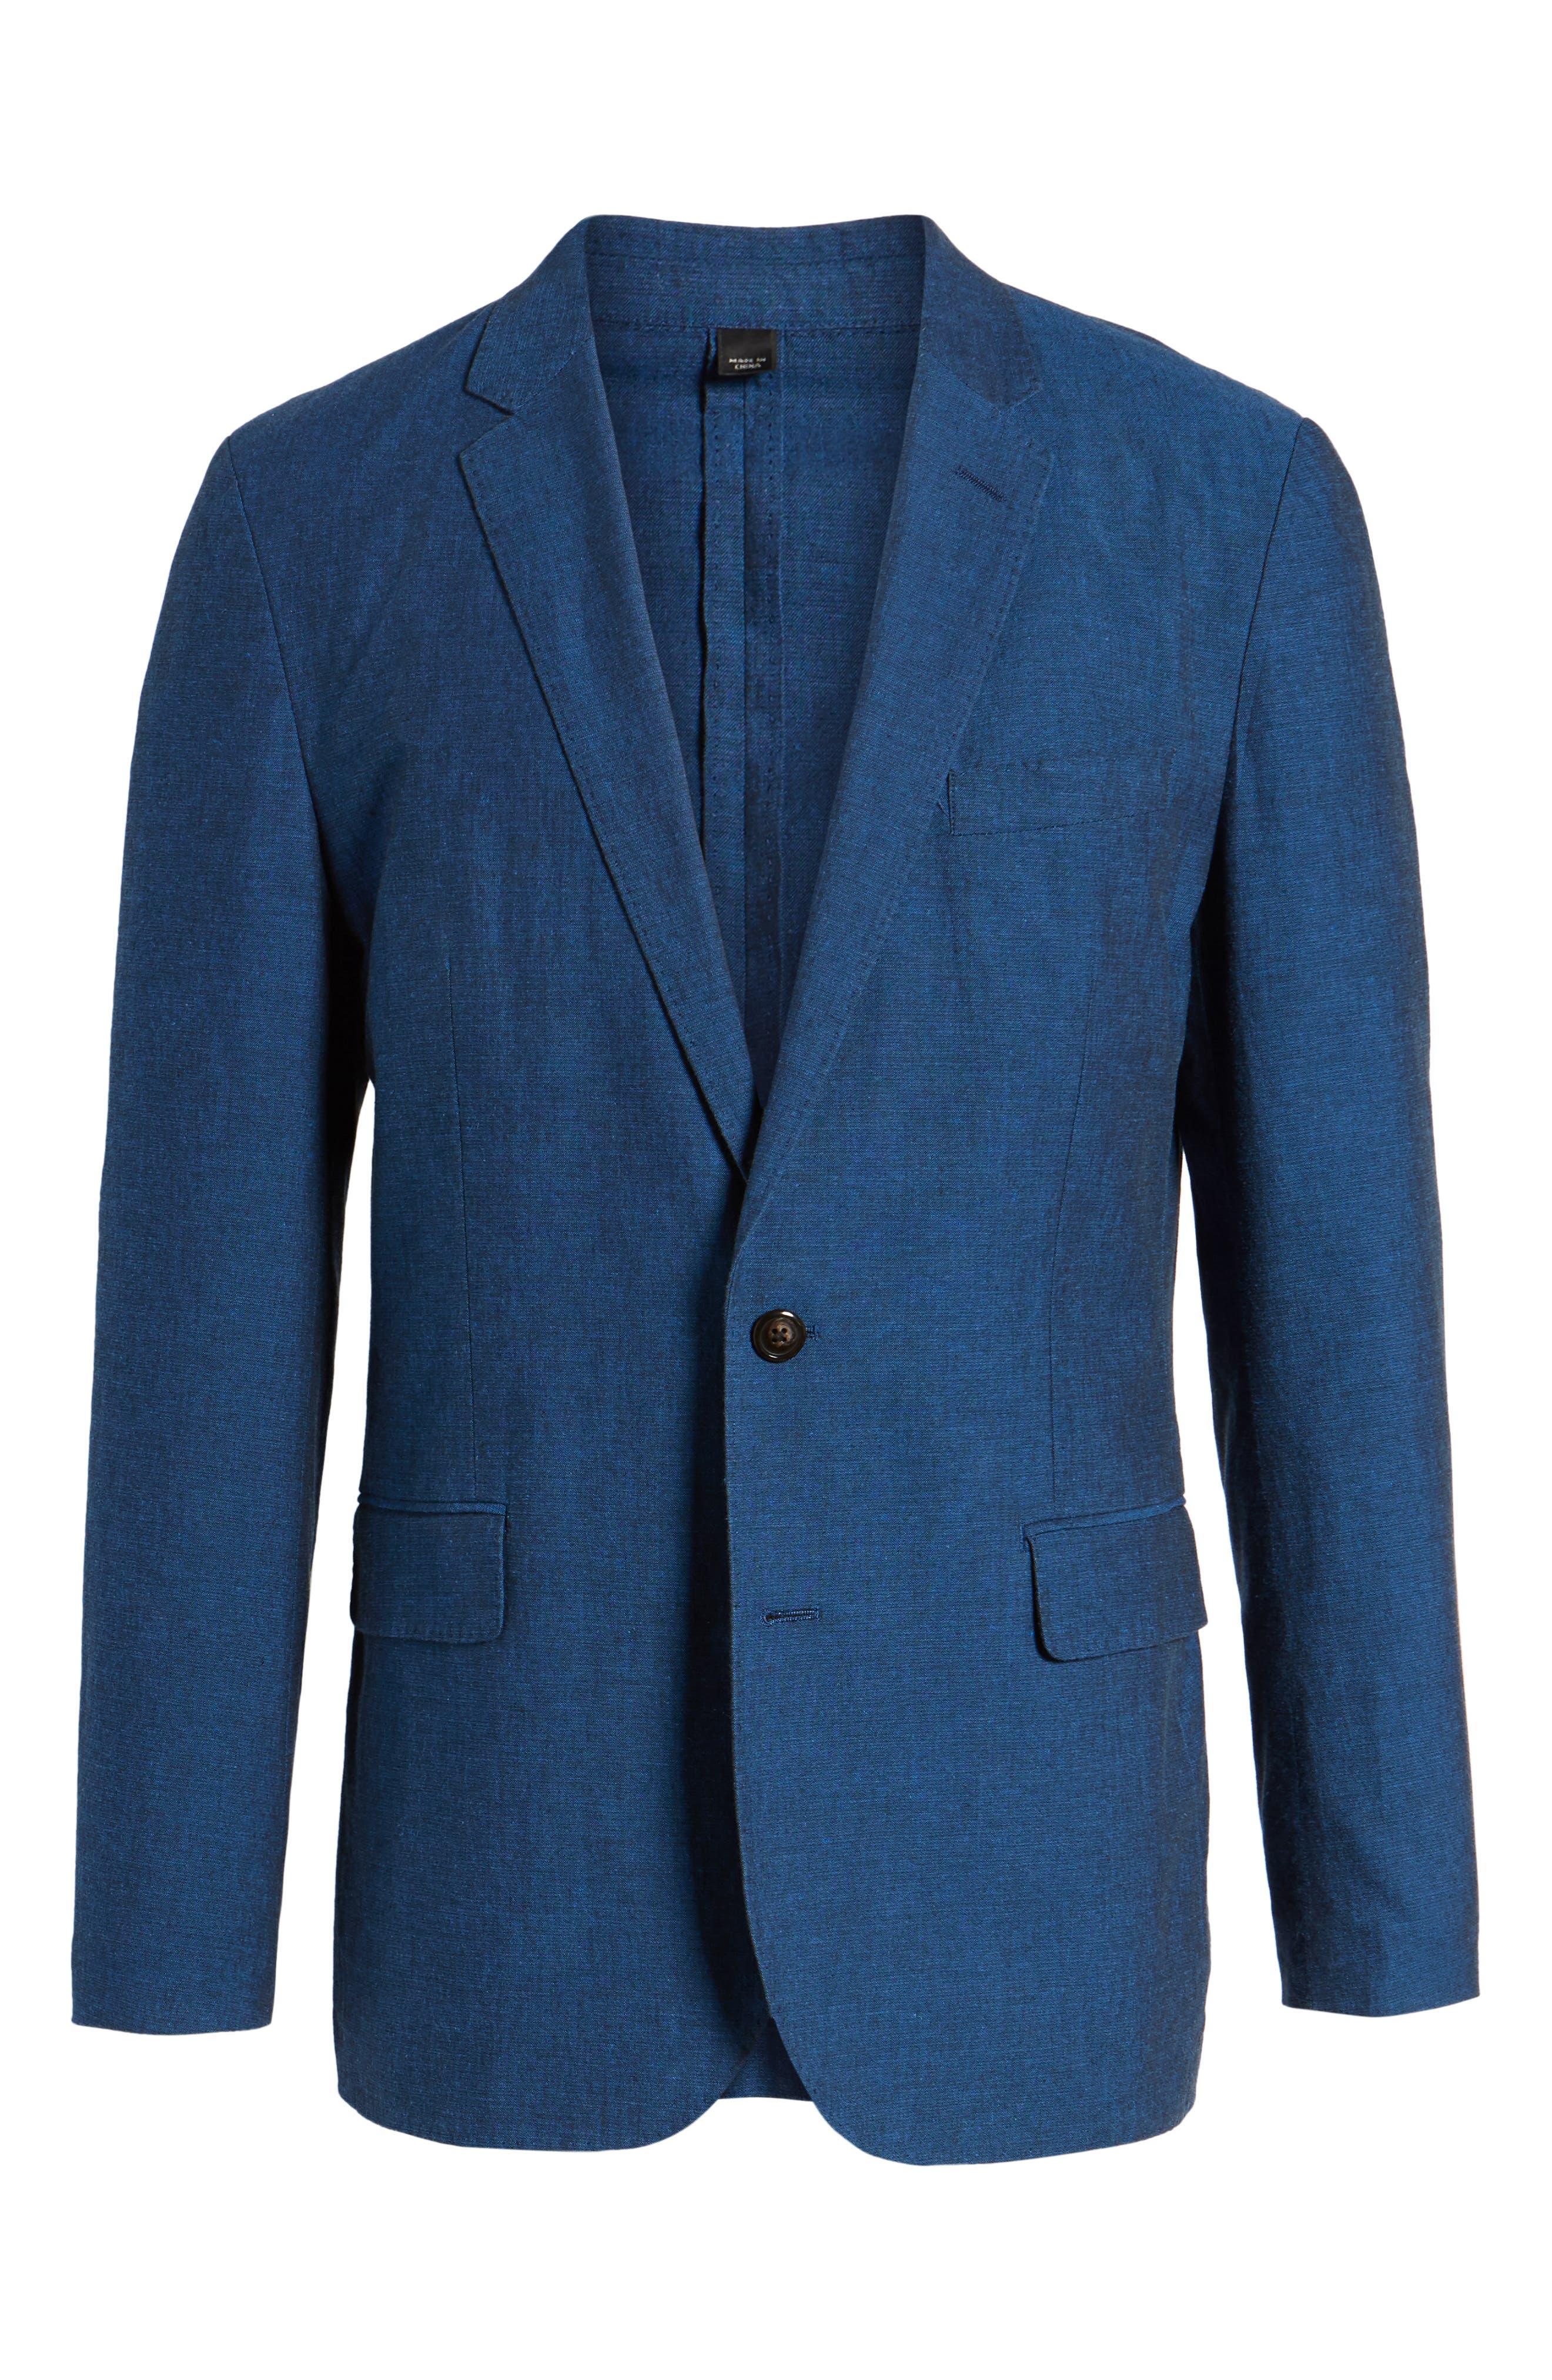 Ludlow Cotton & Linen Blazer,                             Alternate thumbnail 5, color,